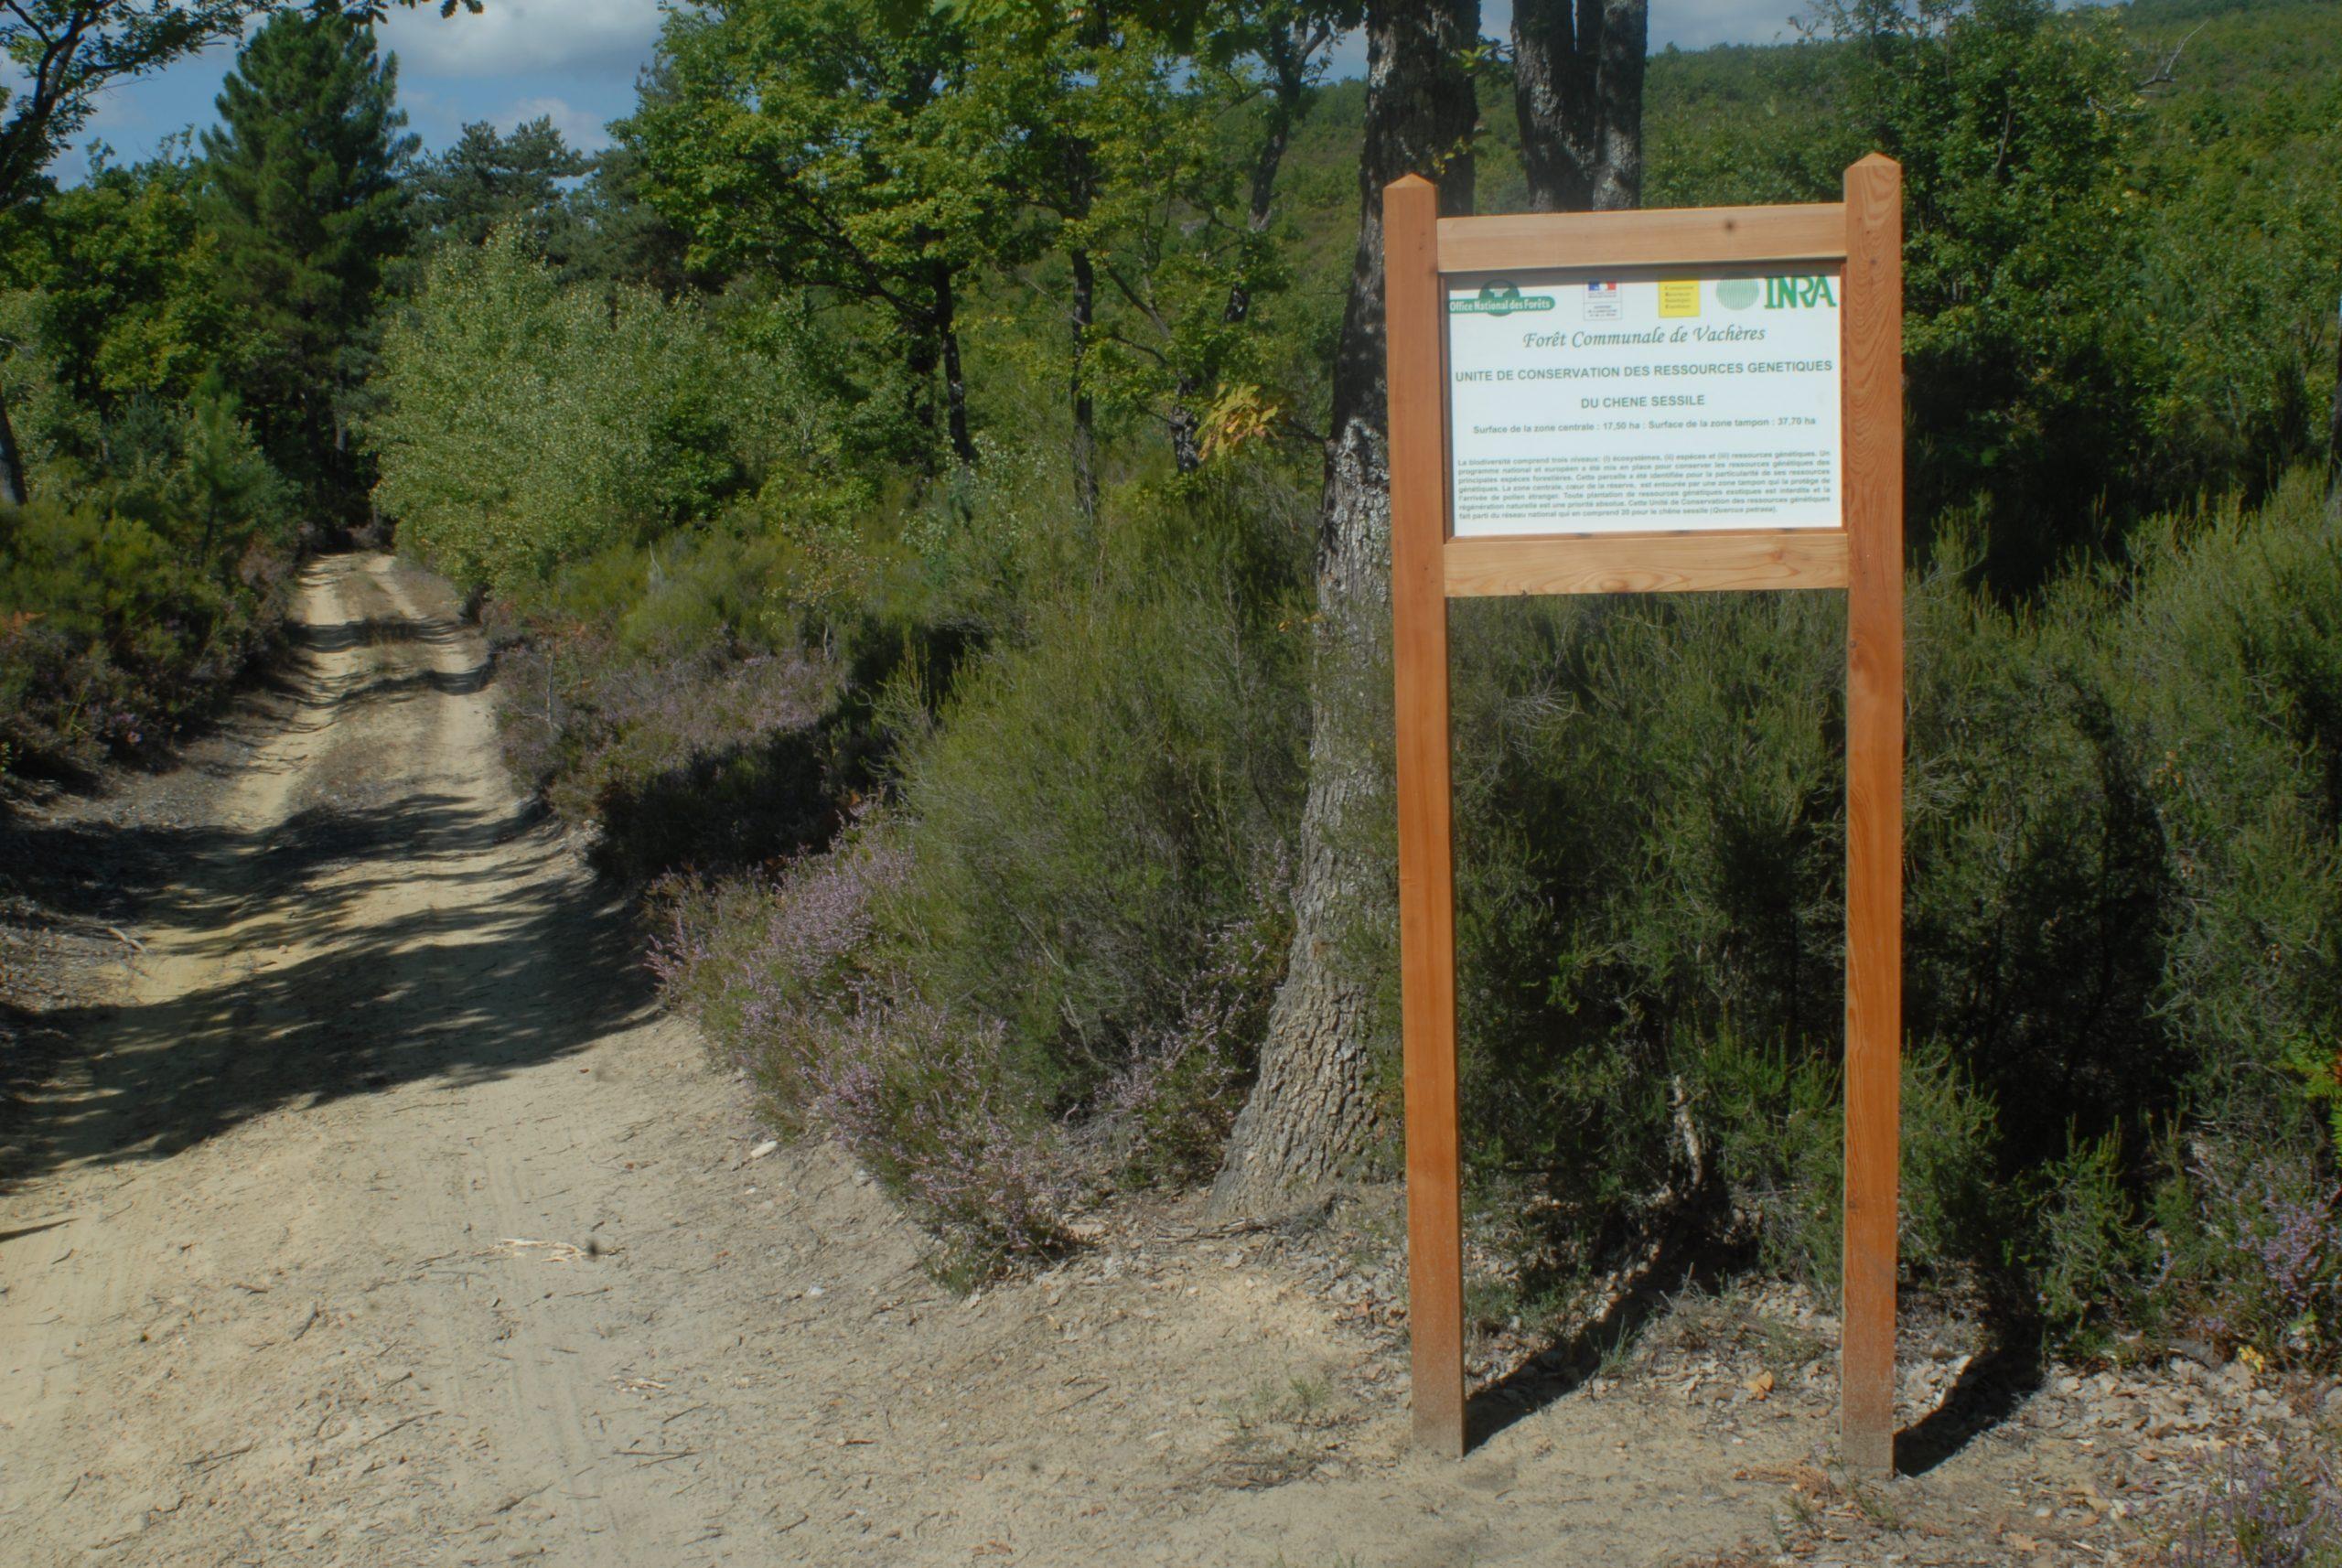 Unité conservatoire de chêne sessile (Quercus petraea) forêt communale de Vachères. Crédits : A. Duccousso / INRA